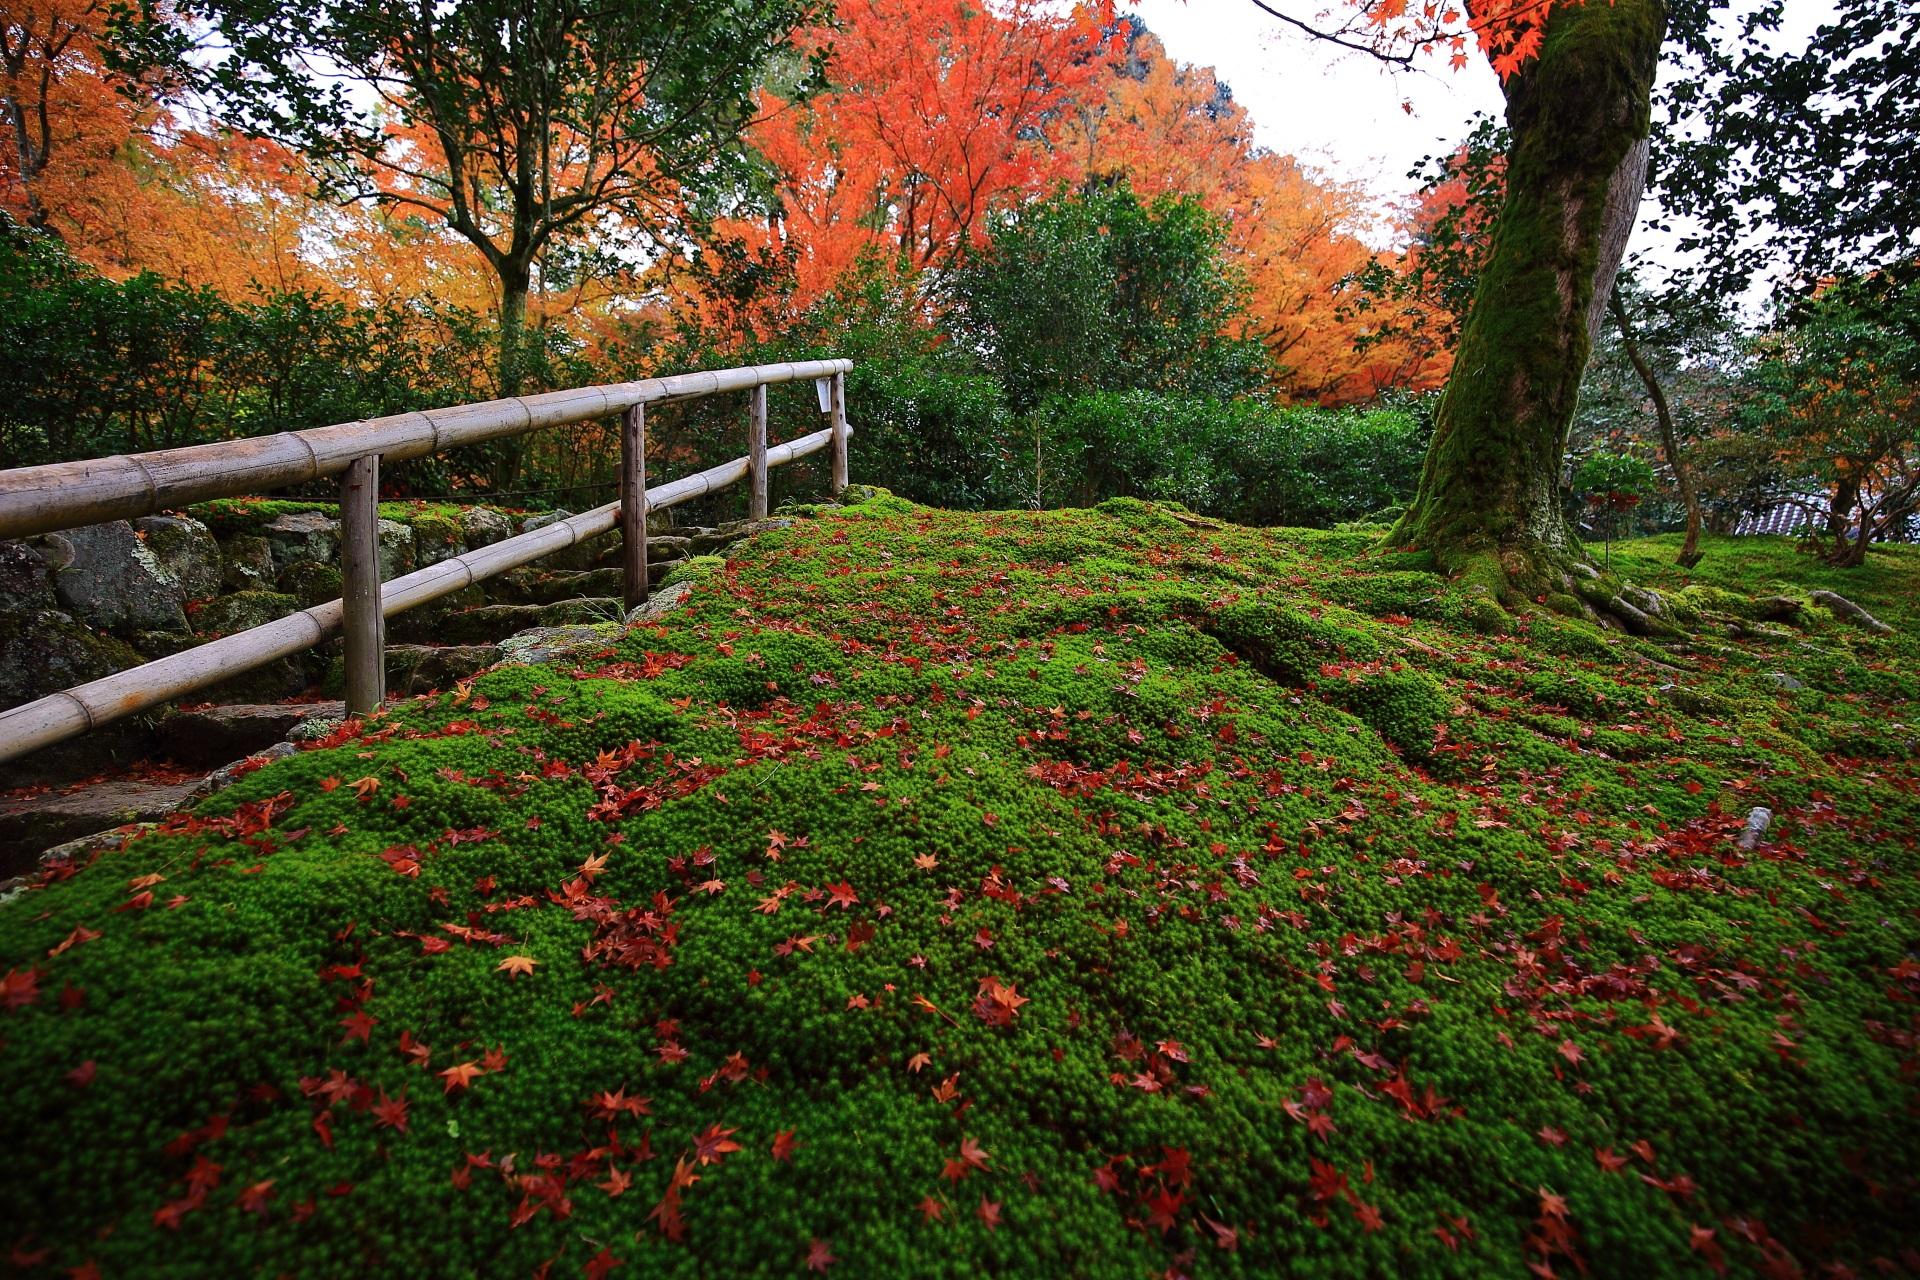 綺麗な苔を上品に染める散り紅葉